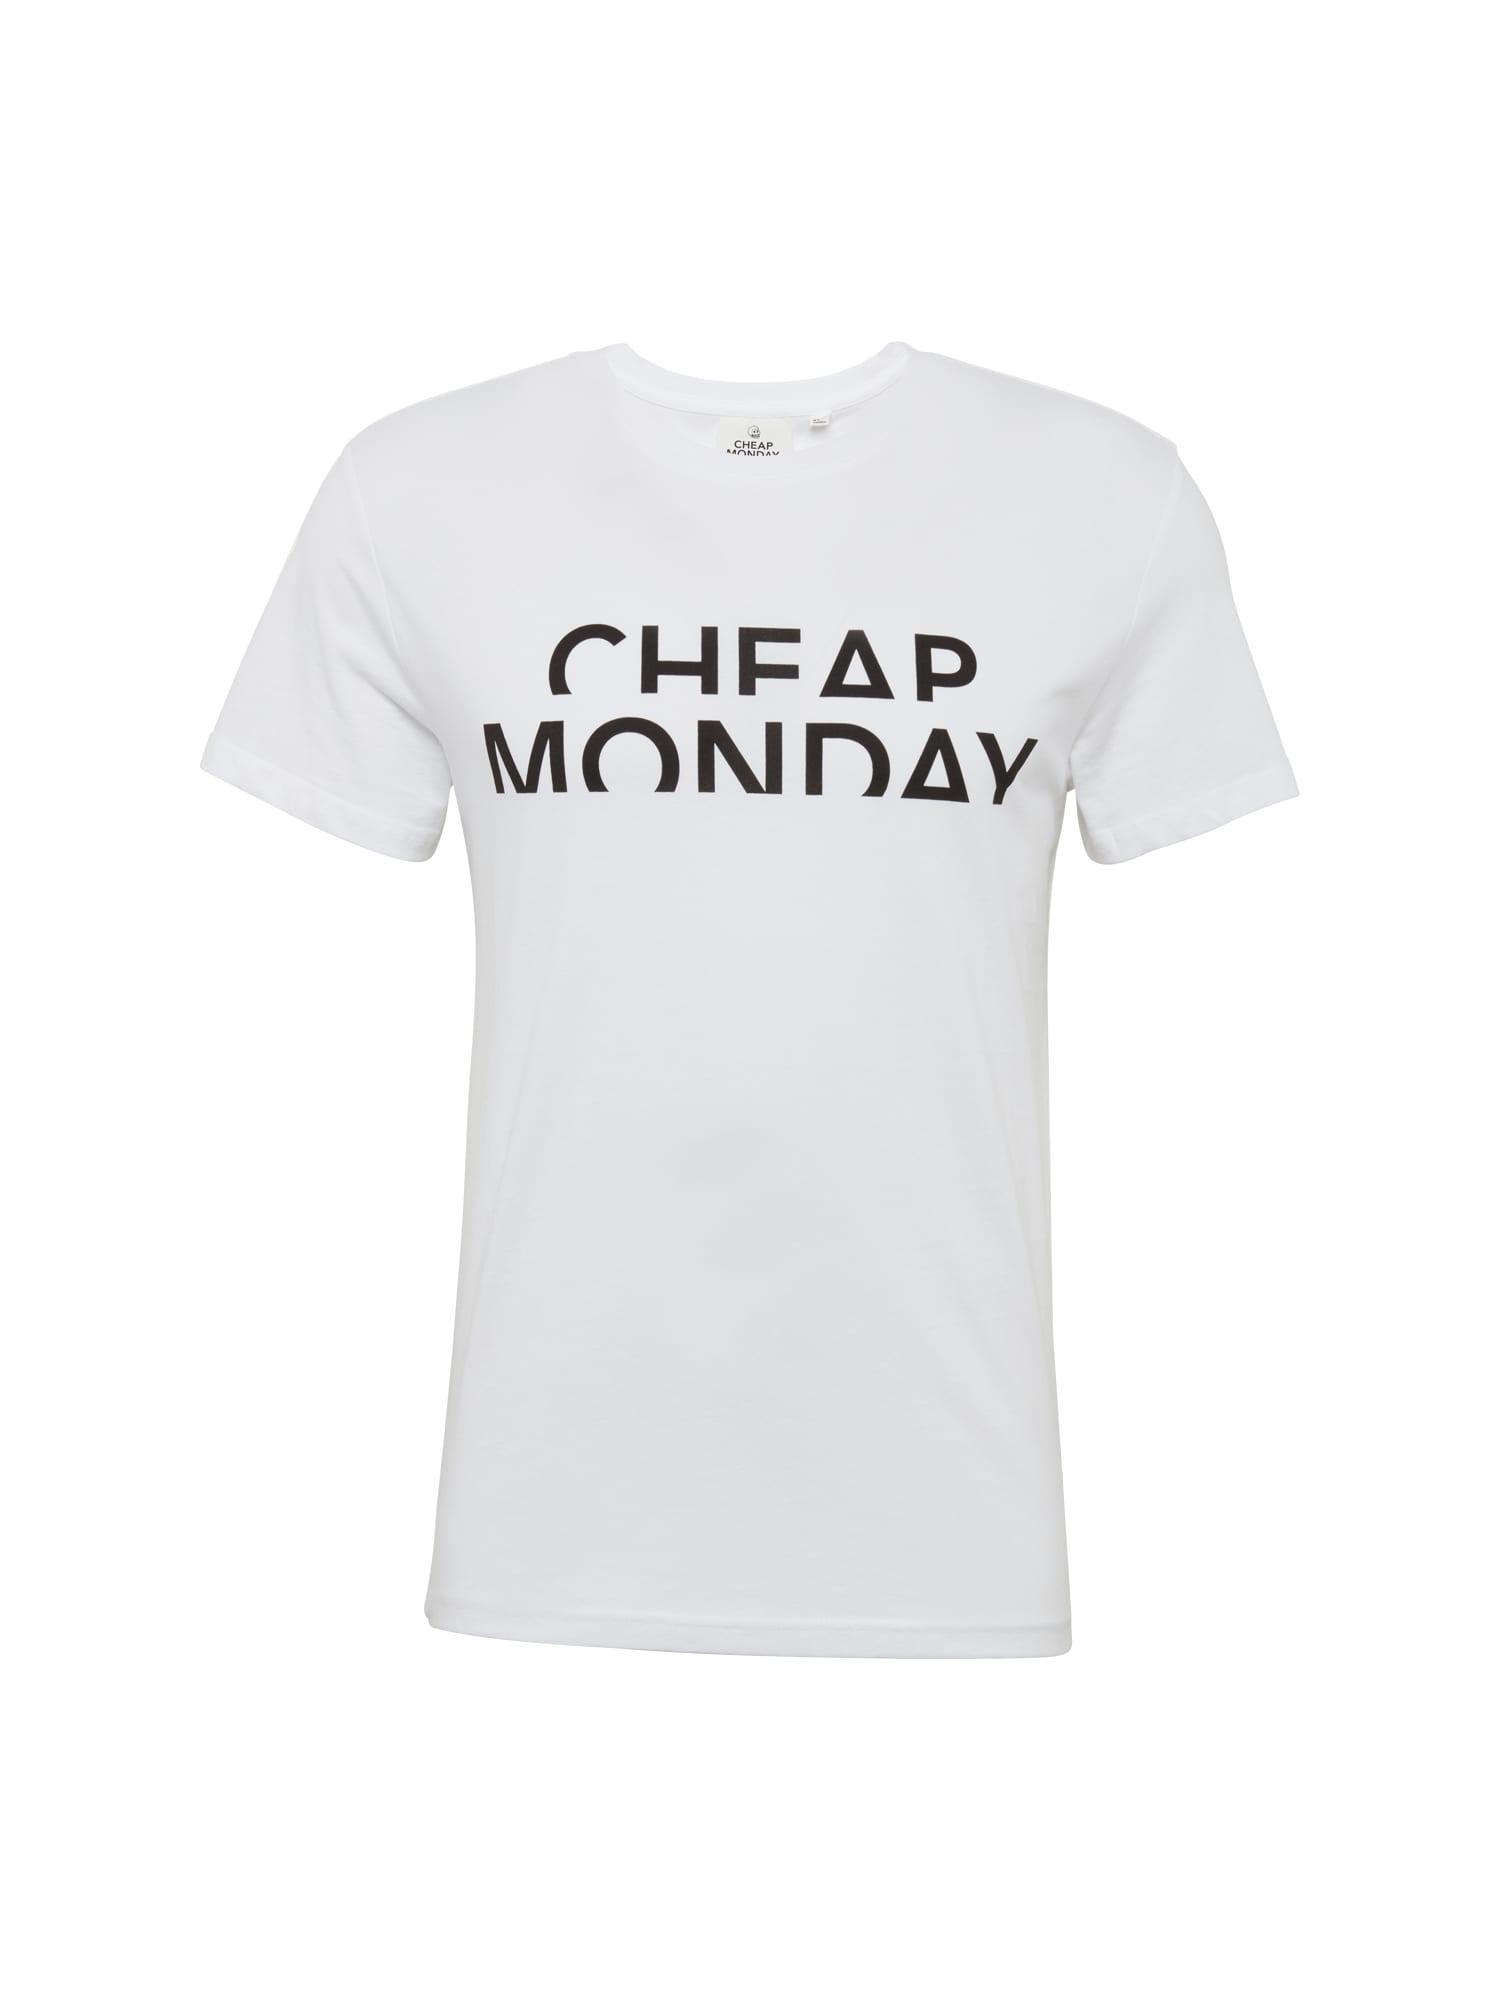 CHEAP MONDAY Heren Shirt Standard tee Spliced cheap zwart wit